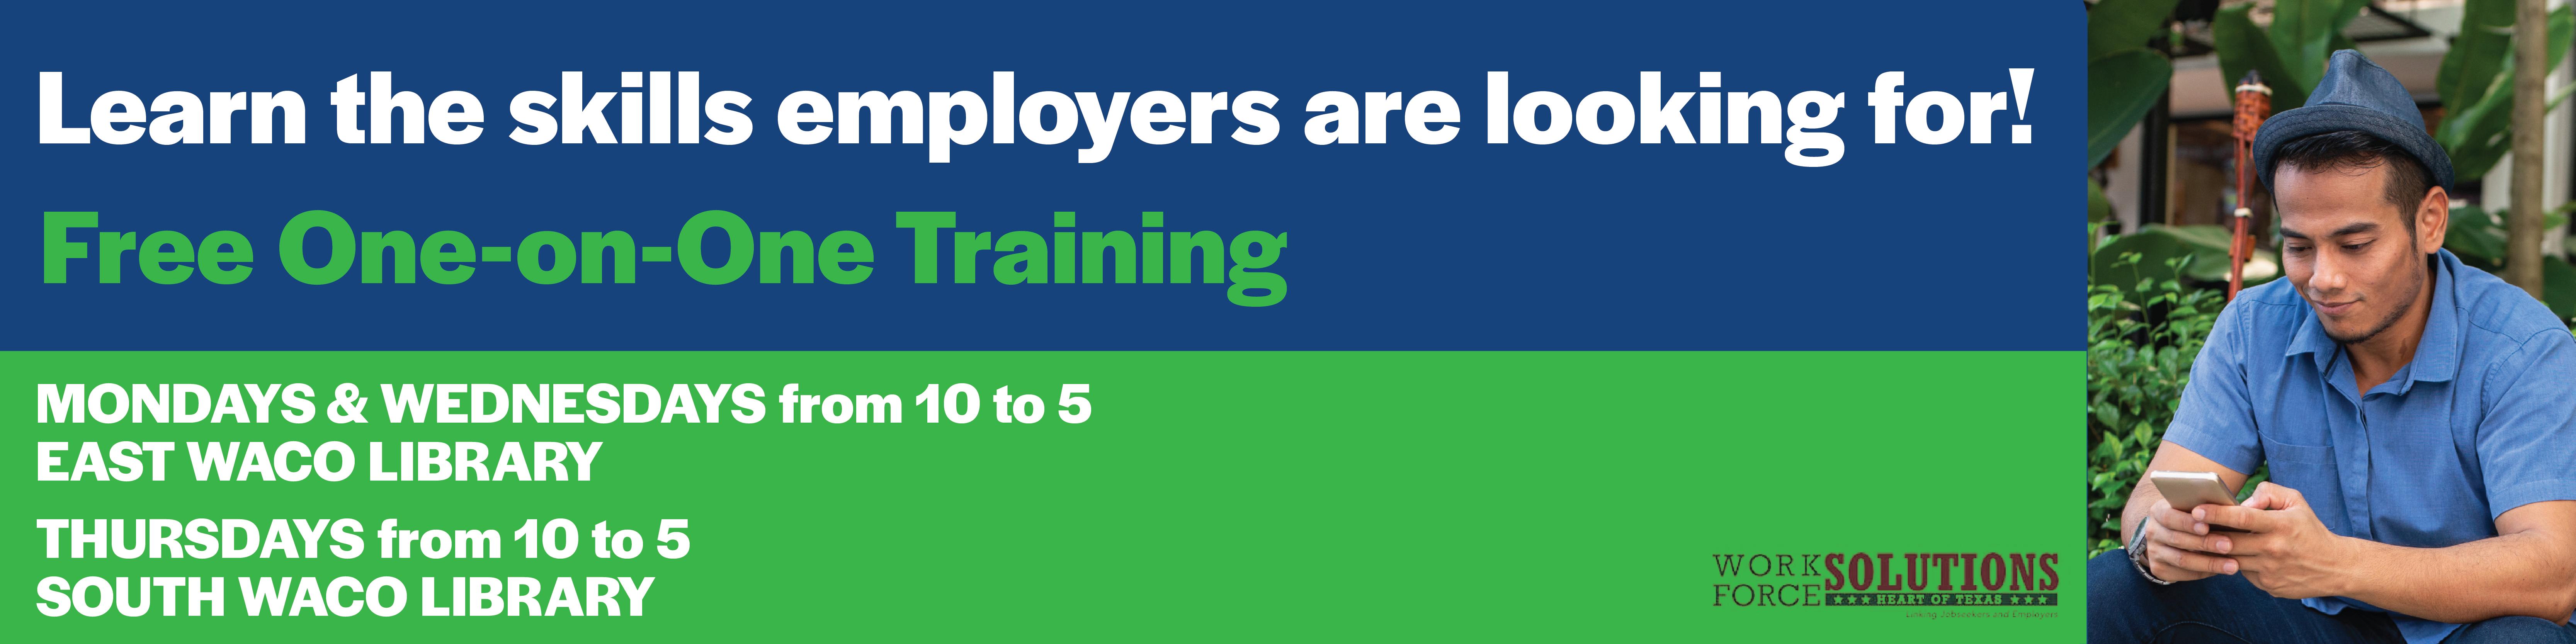 Free Job Skills Training